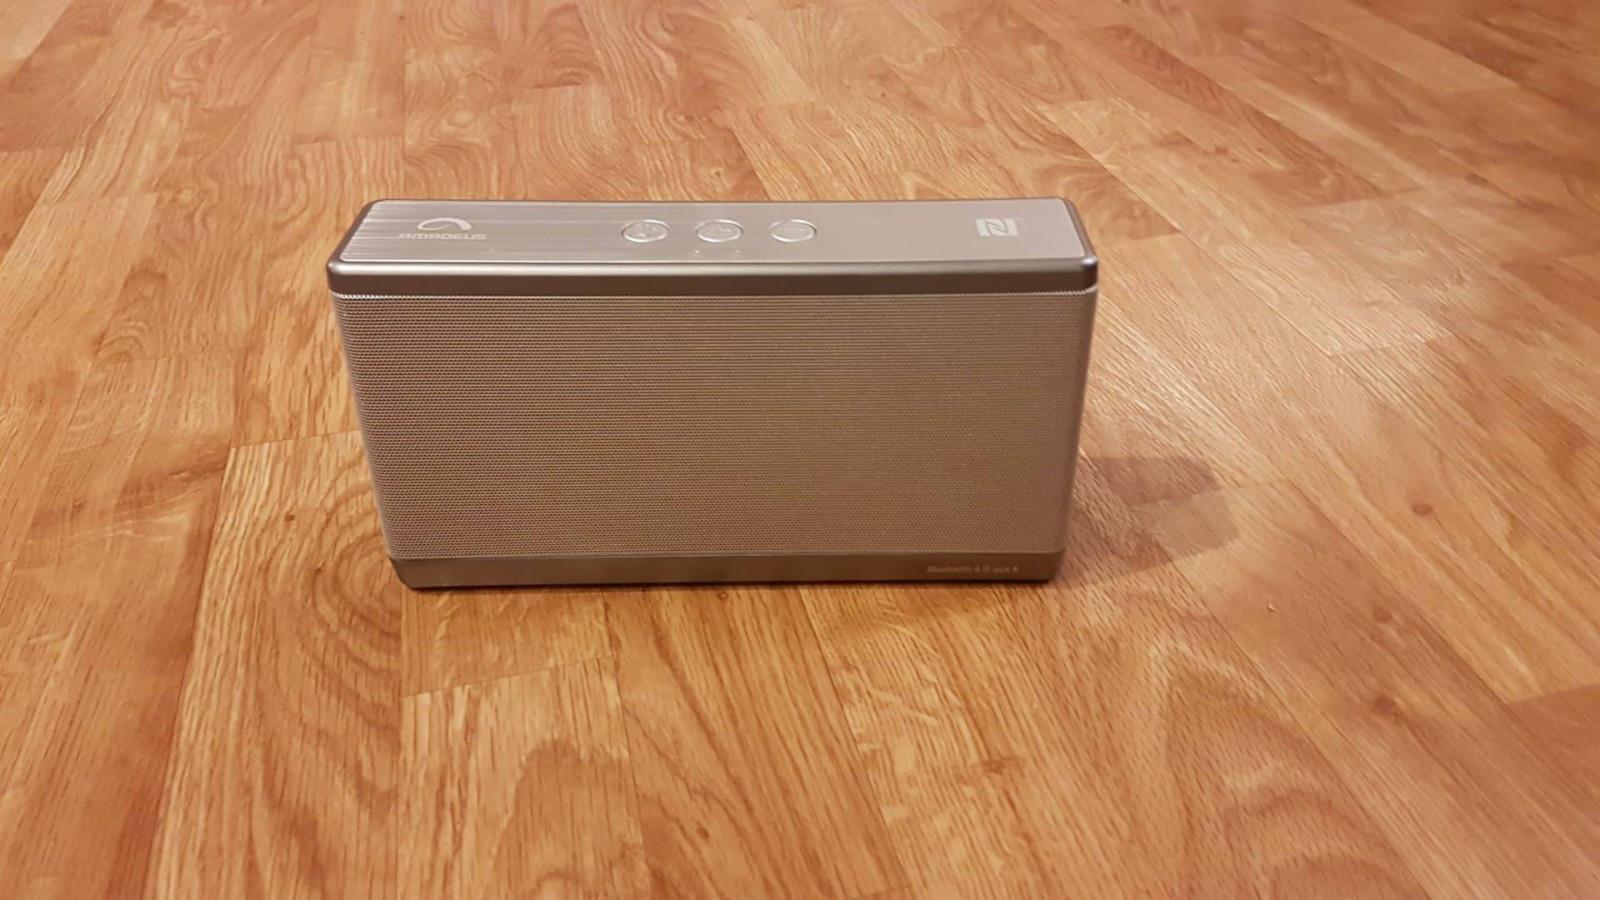 Amadeus BT høyttaler - Vestby  - Amadeus  Lite brukt   For mer info:  https://www.power.no/hoeyttalere-og-lyd/hoeyttalere/amadeus-abts1214s-bluetooth-hoeyttaler/p-216373/ - Vestby